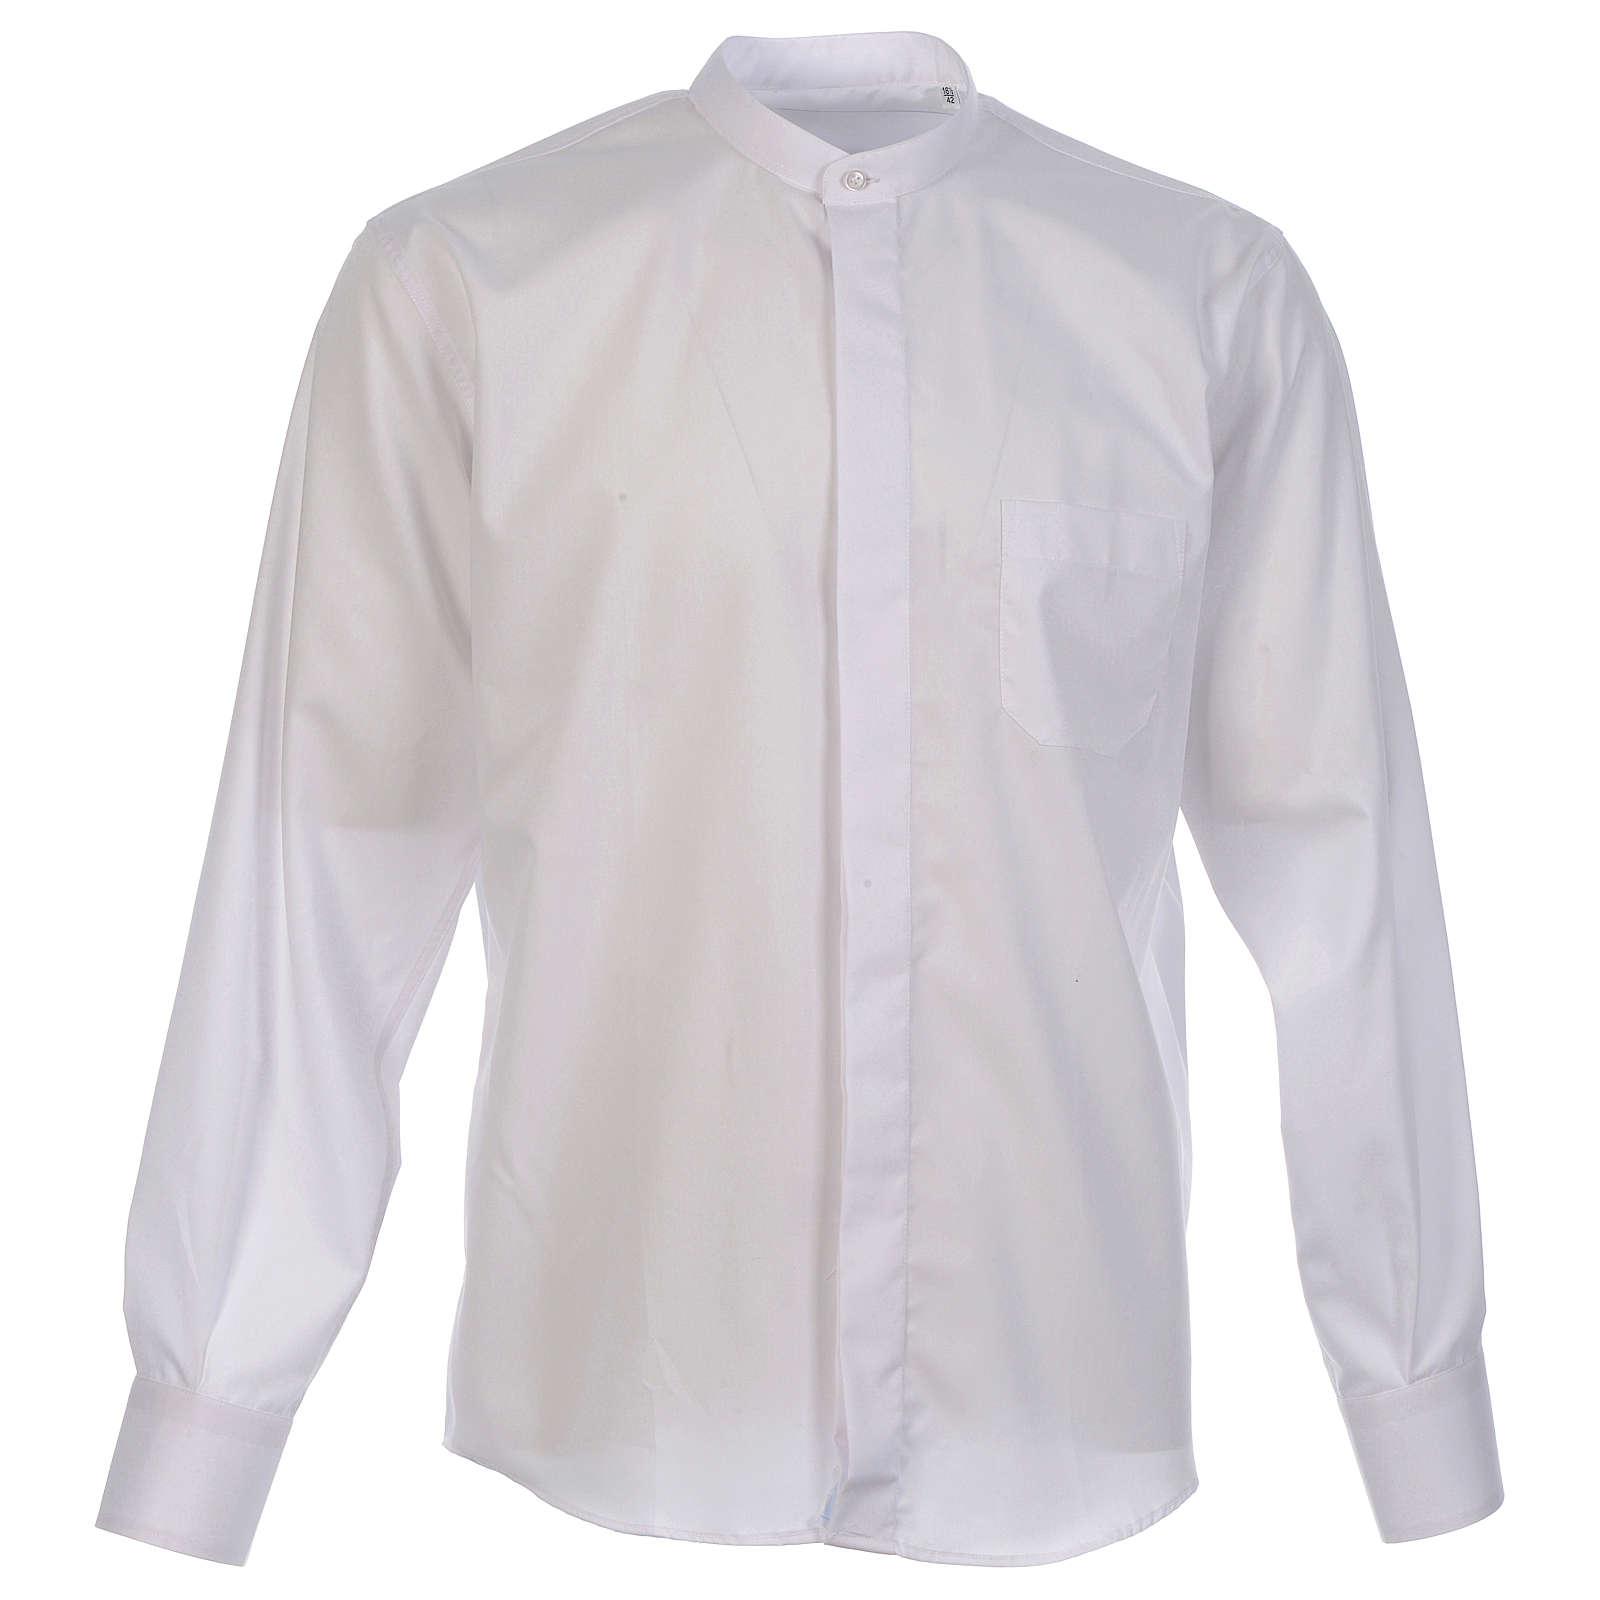 Camisa para hábito talar cuello cubierto manga larga 4